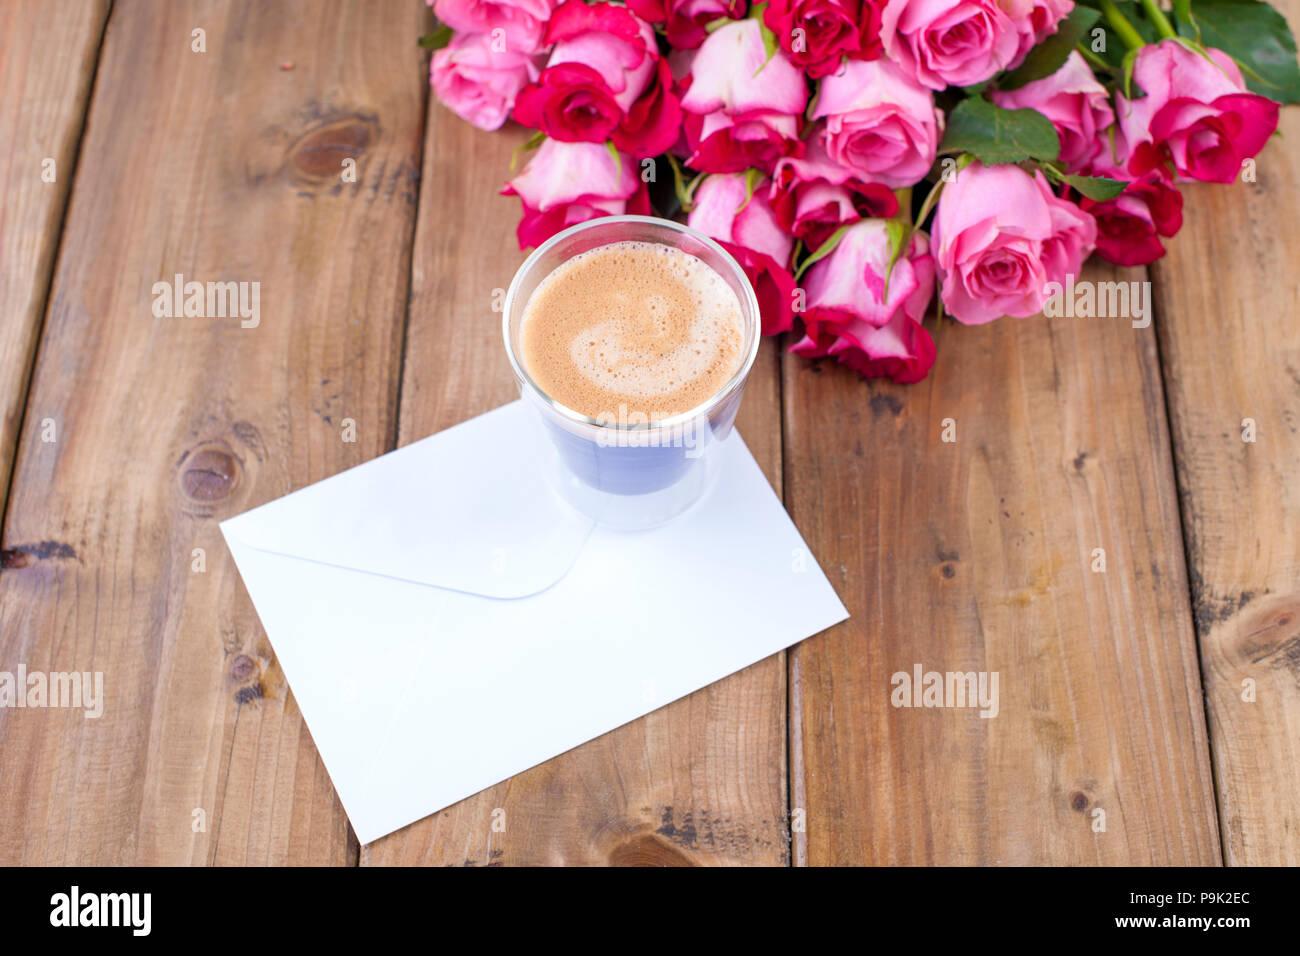 Un ramo de rosas rosas frescas y una copa de café espresso. Fondo de madera. Espacio para texto o postales. Sobre blanco para escritura. Imagen De Stock